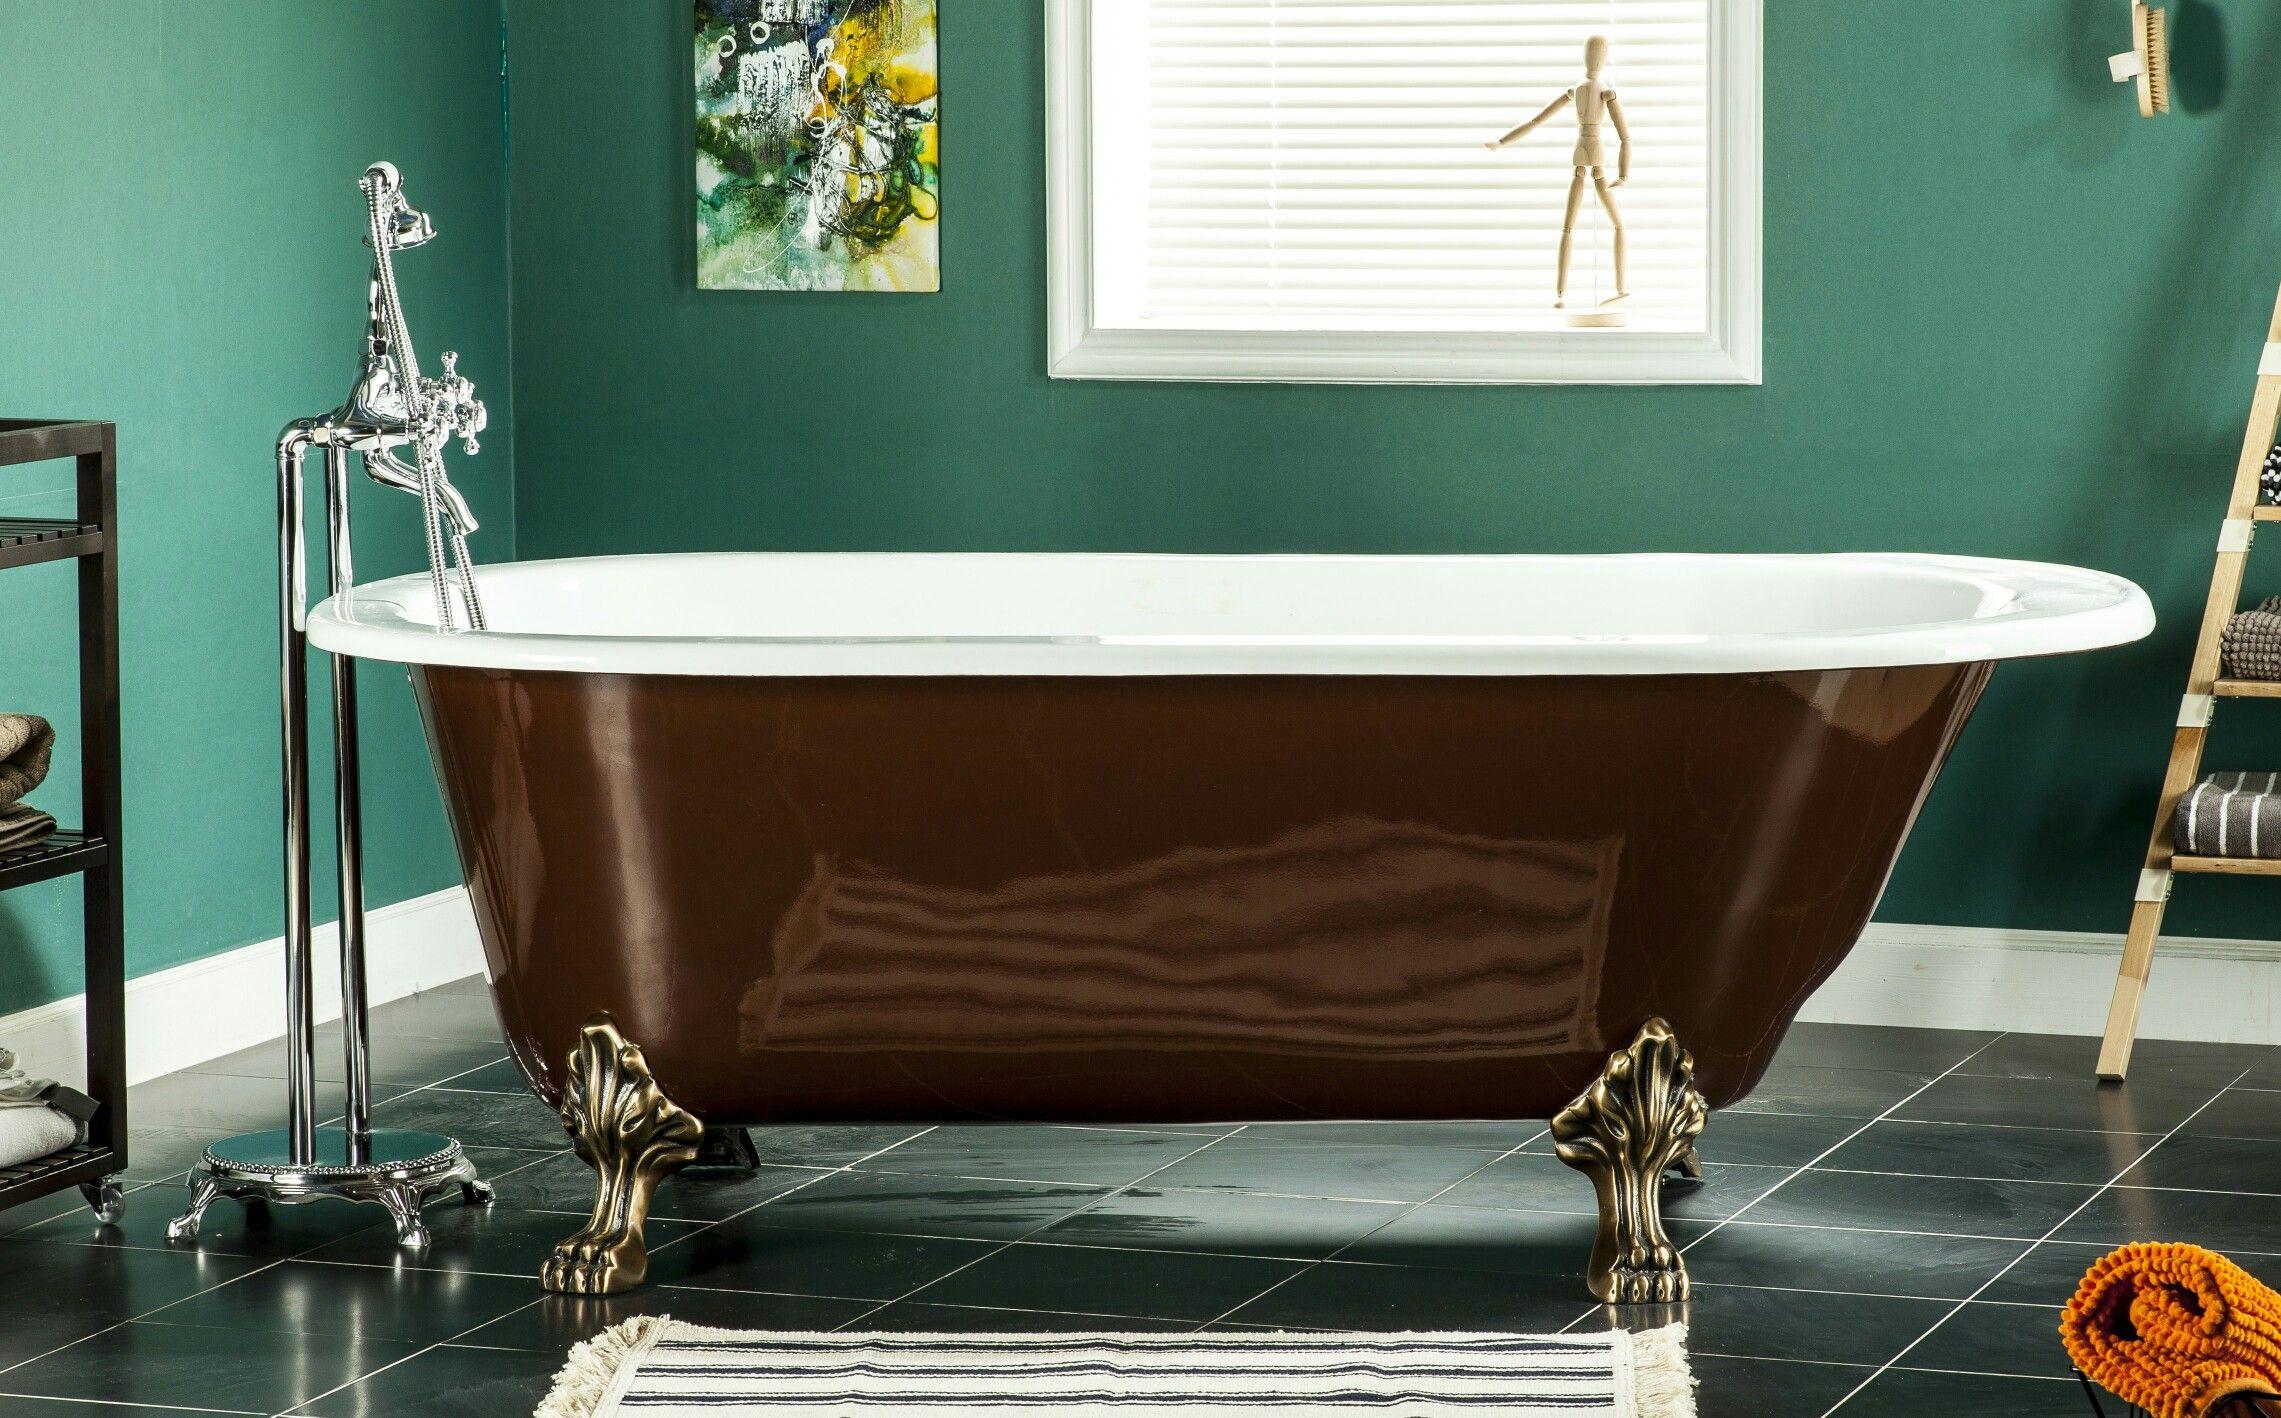 Pin by southseabath on cast iron clawfoot bathtub pinterest